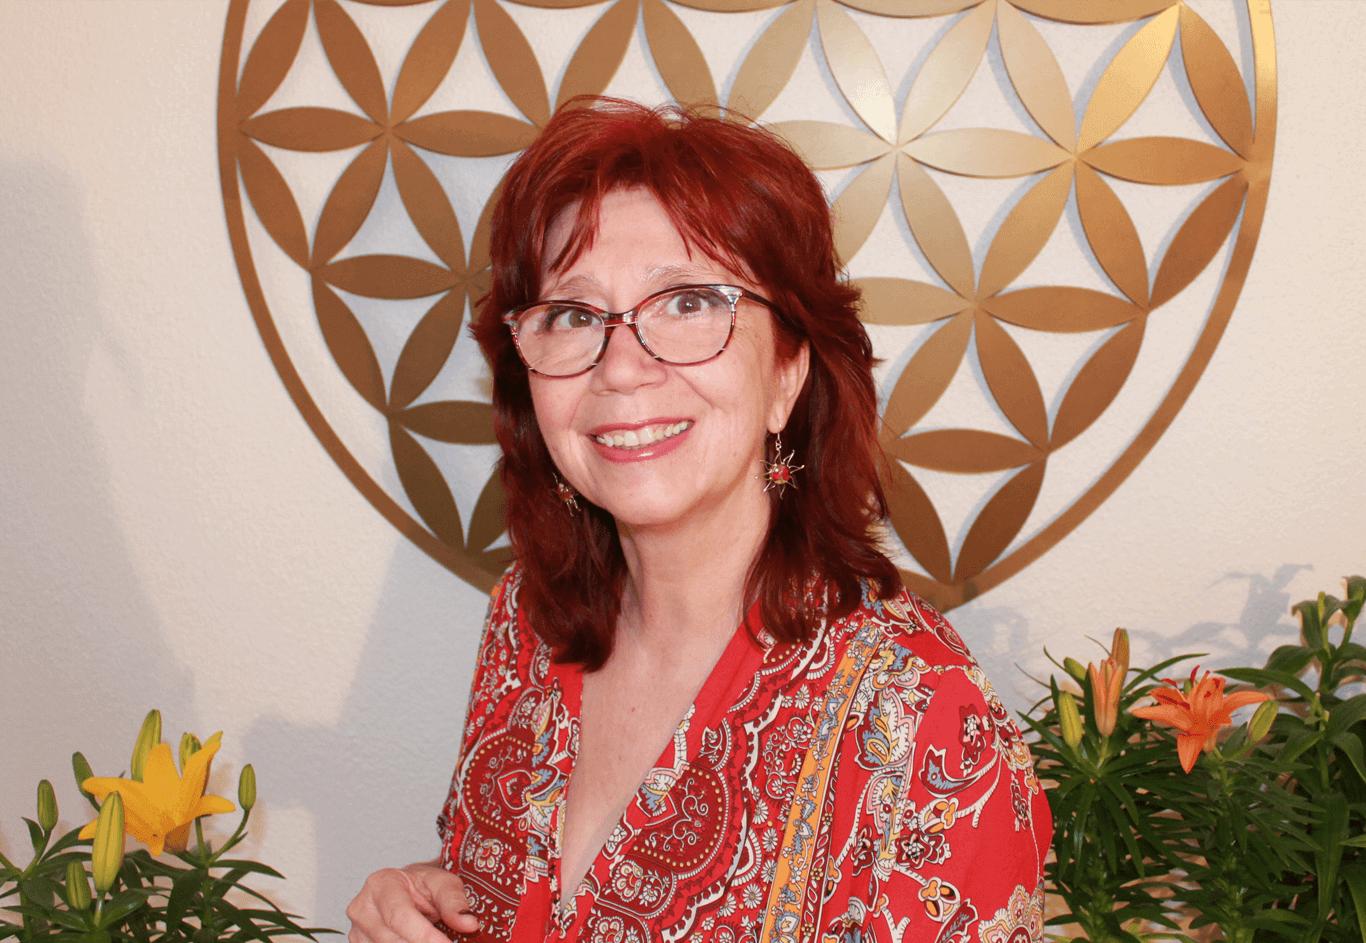 Catherine Husser Hunsicker